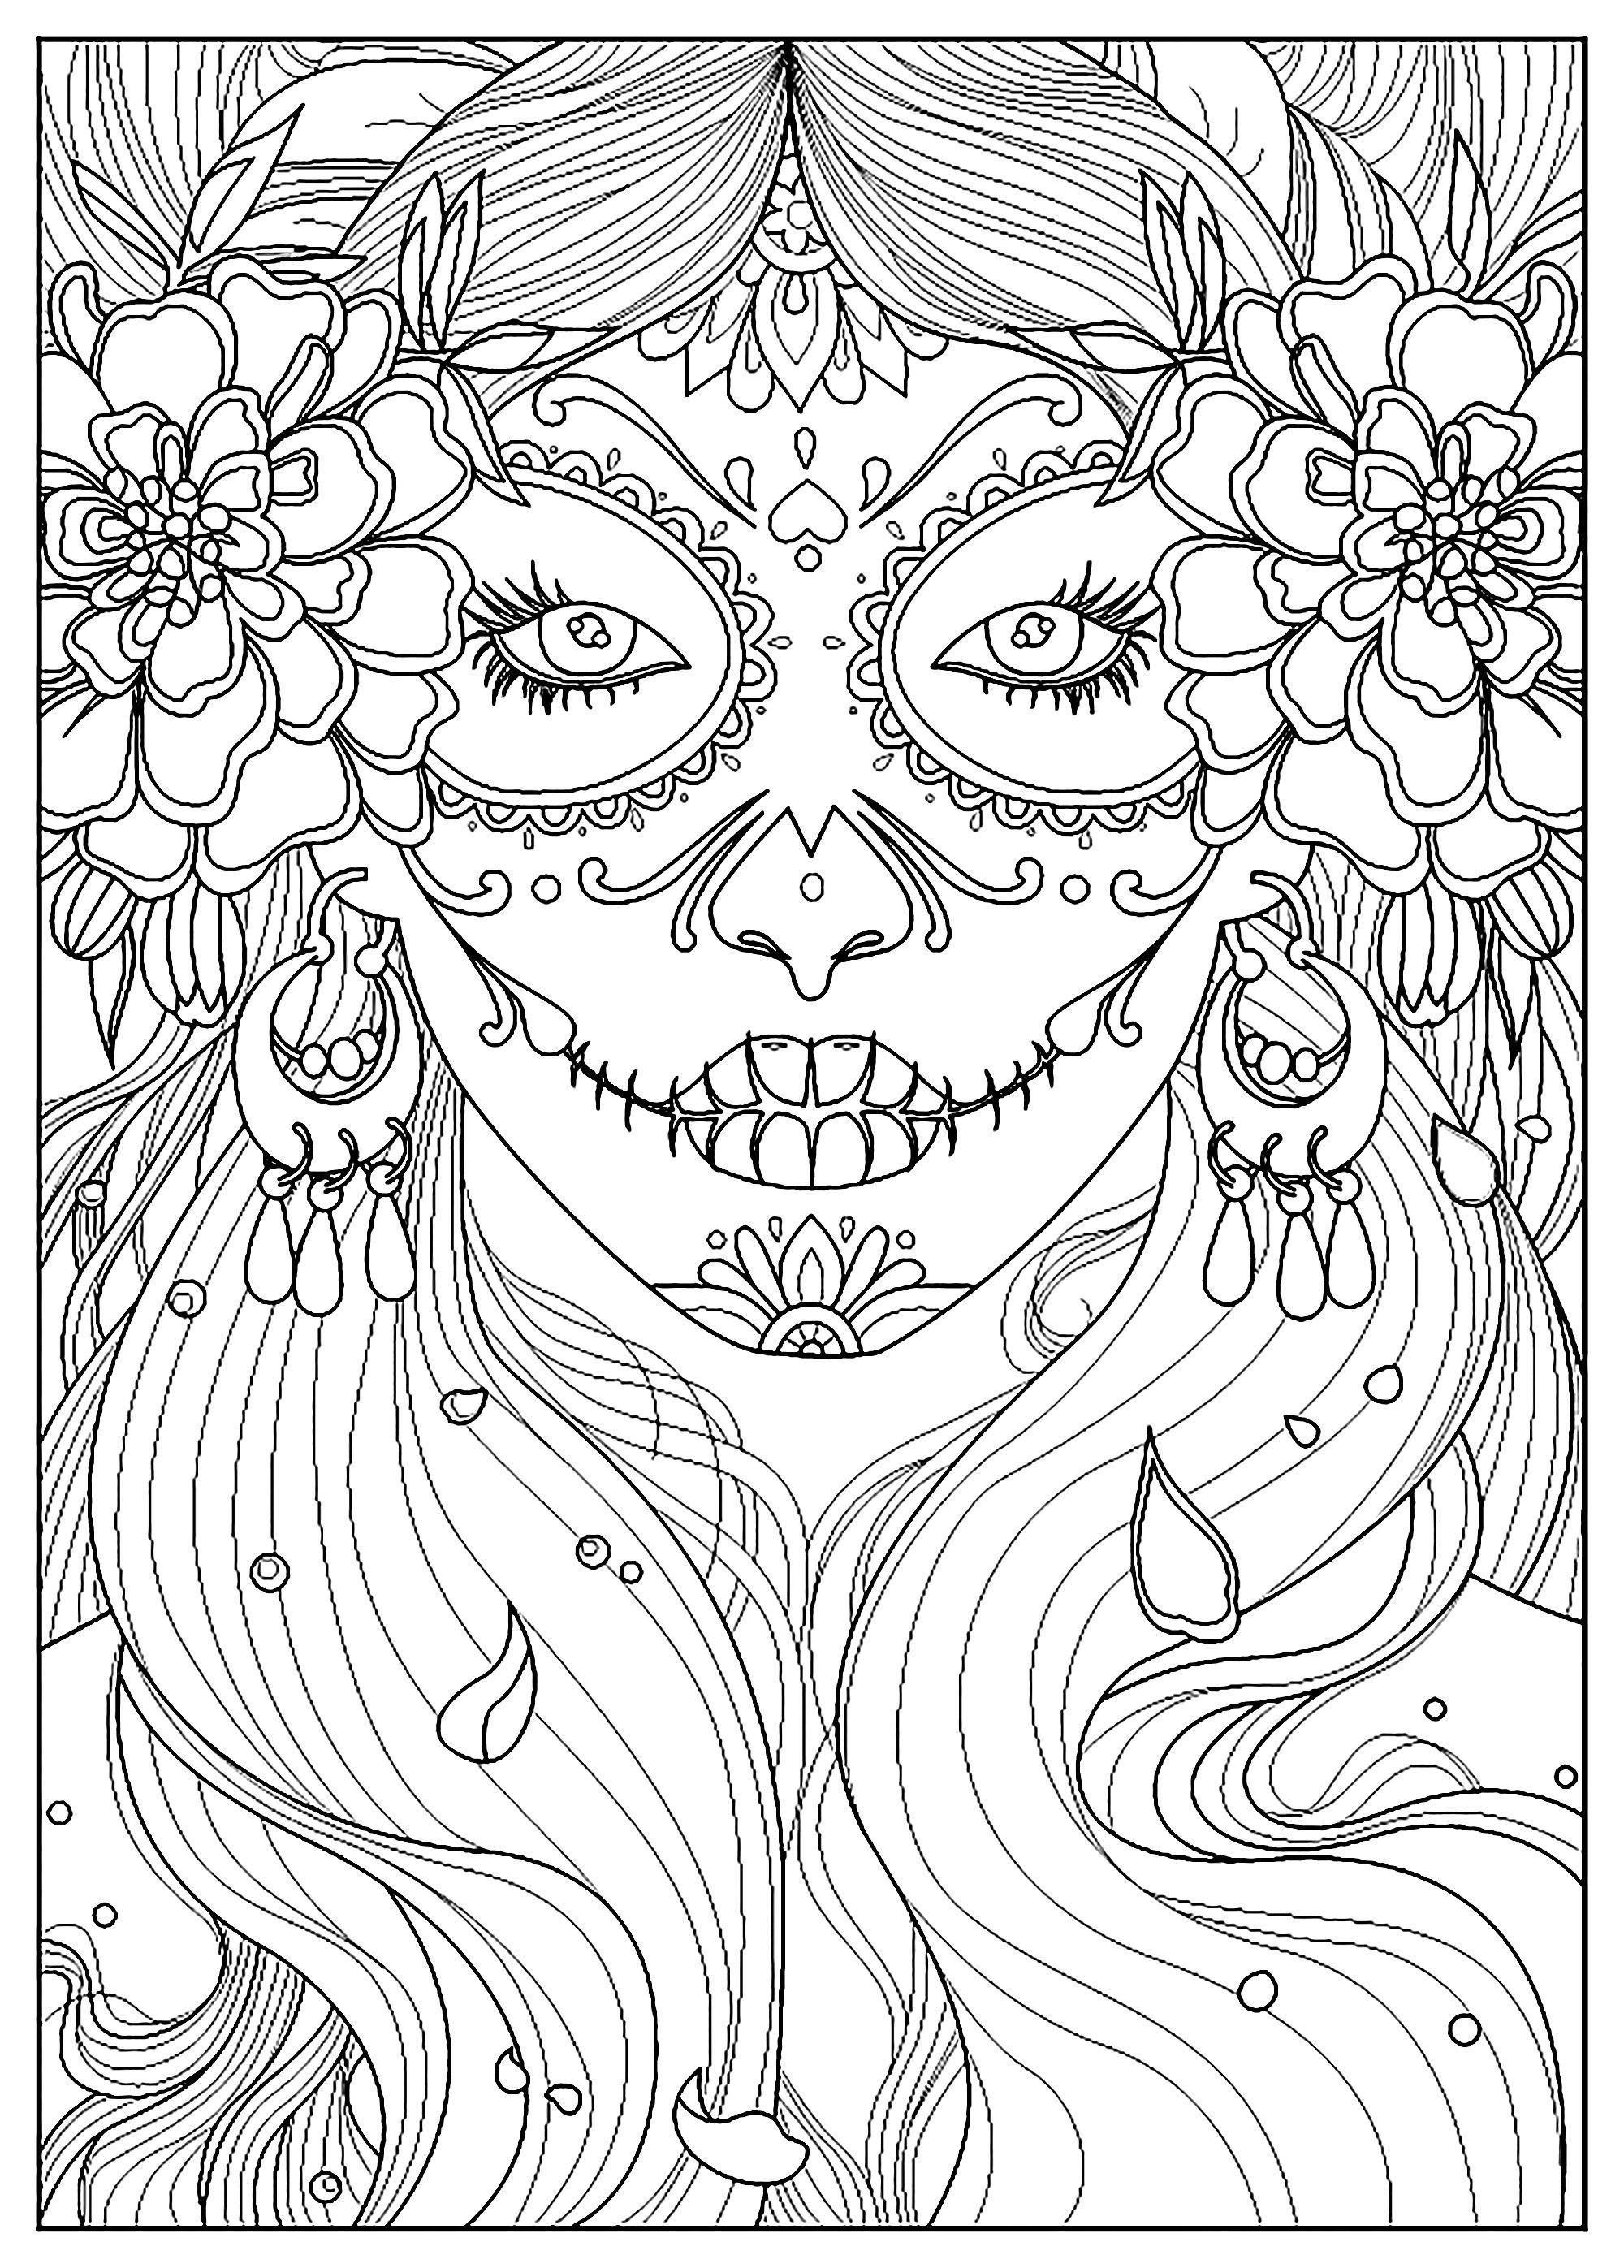 Tag Der Toten Tag Der Toten Aus Der Galerie El Dia De Los Muerto Coloring Pages Aus Coloring Der Ausmalbilder Mandala Zum Ausdrucken Ausmalen